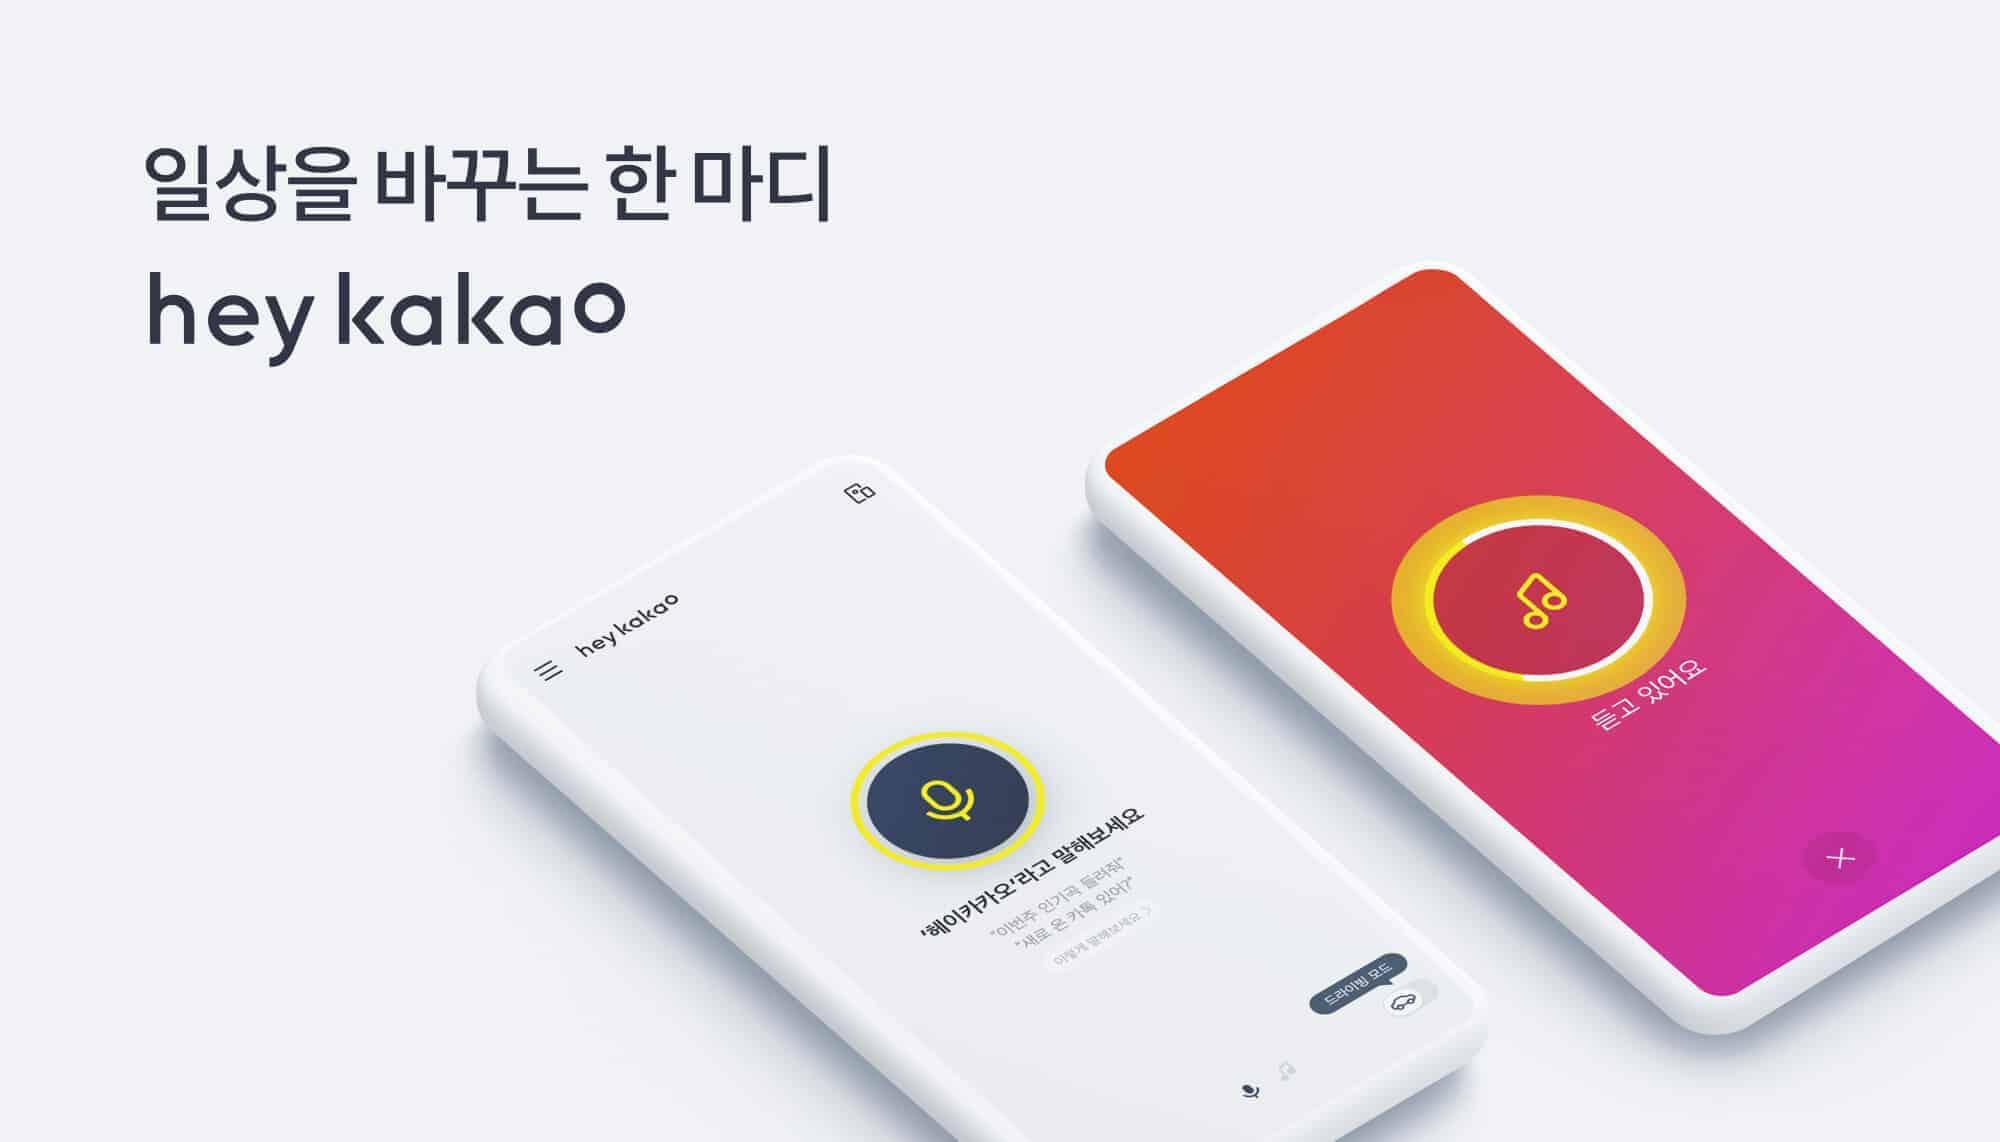 스마트폰에서도 헤이 카카오…음성인식 더한 2.0버전 앱 출시 ⓒ 갓잇코리아 / 자료제공 - 카카오